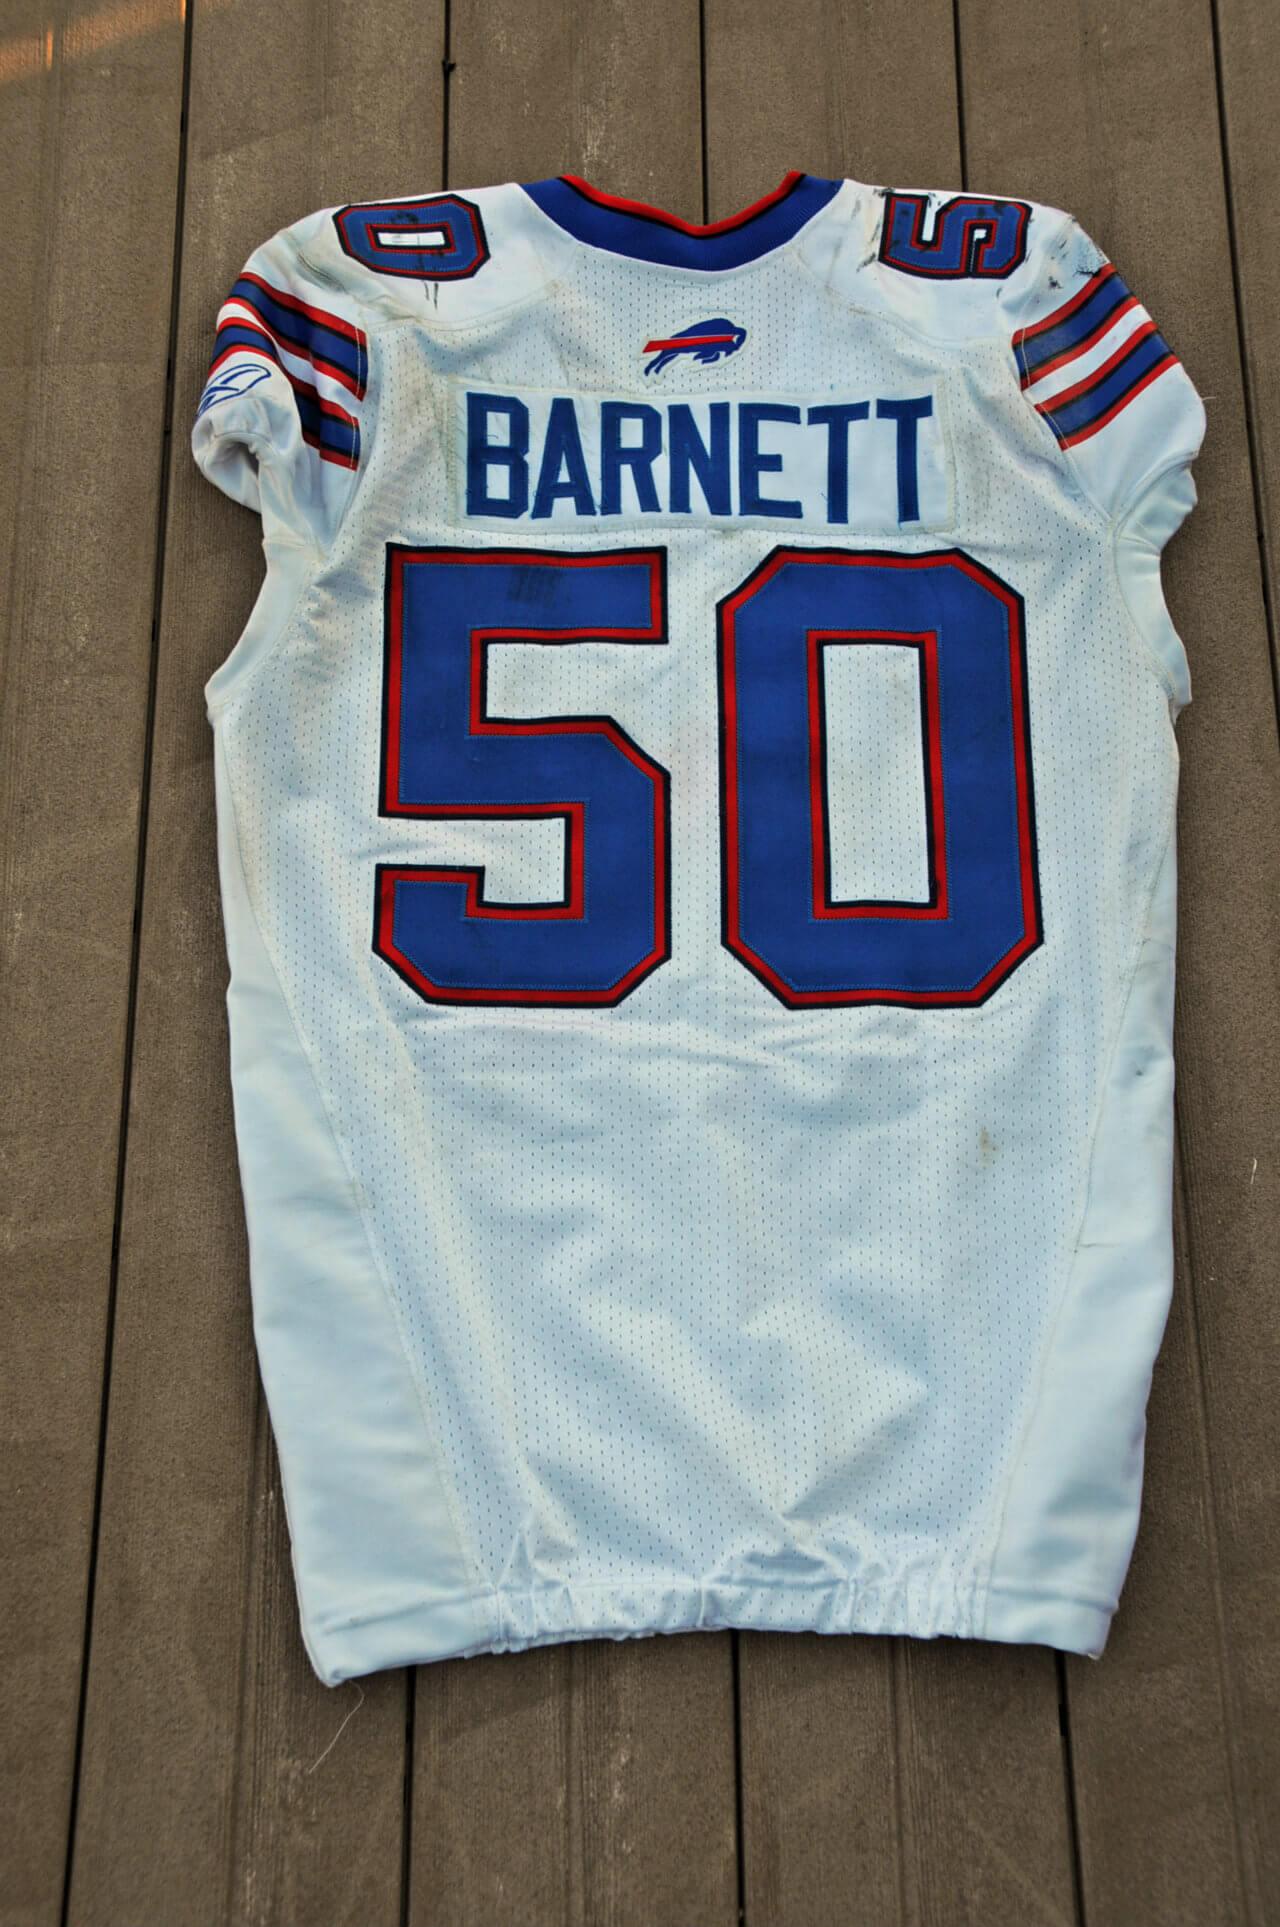 2011 Buffalo Bills - Nick Barnett Game-Worn Jersey NFL Auctions Certificate